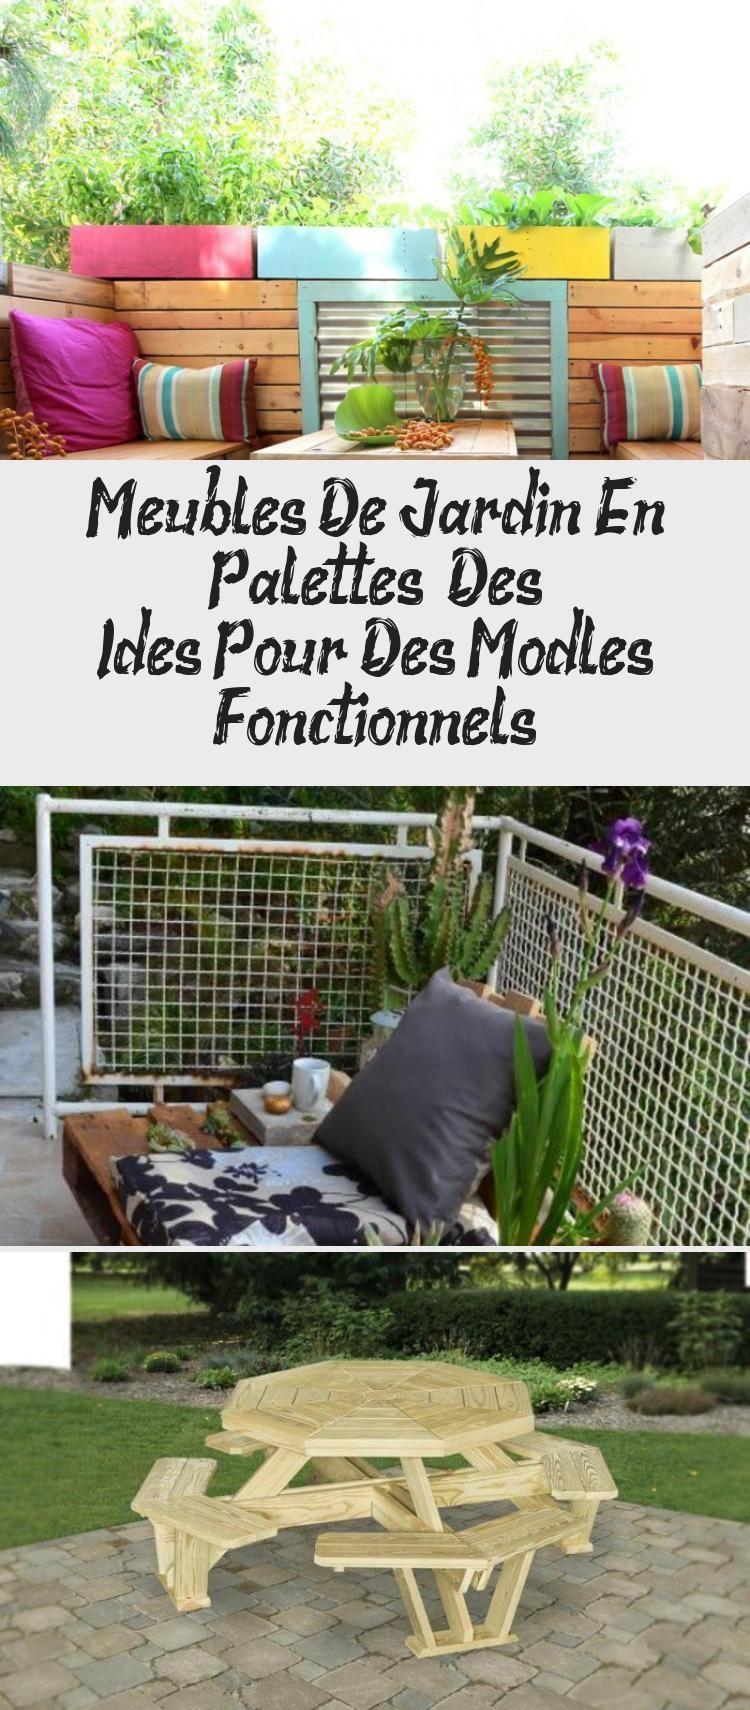 Salon De Jardin Original meubles de jardin en palettes – des idées pour des modèles